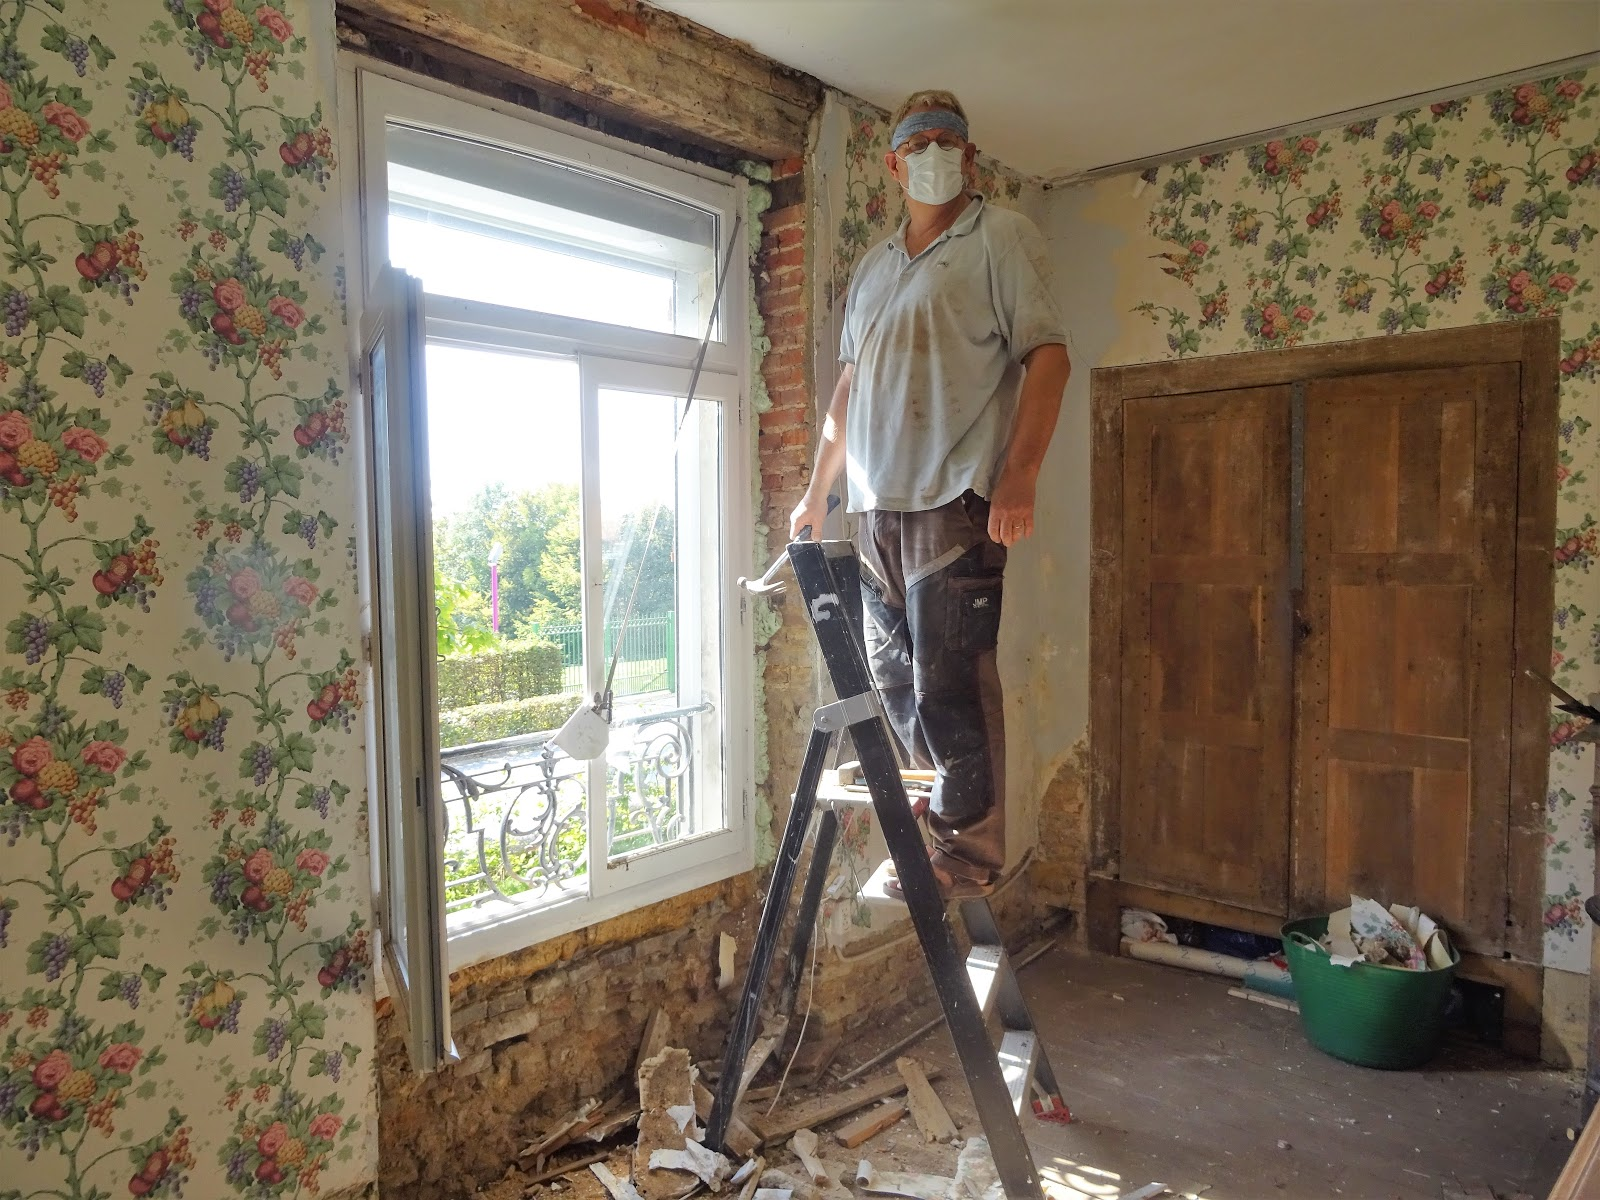 Grote Kast Eetkamer.Vakantiehuis Iviers 2017 Opknappen Eetkamer